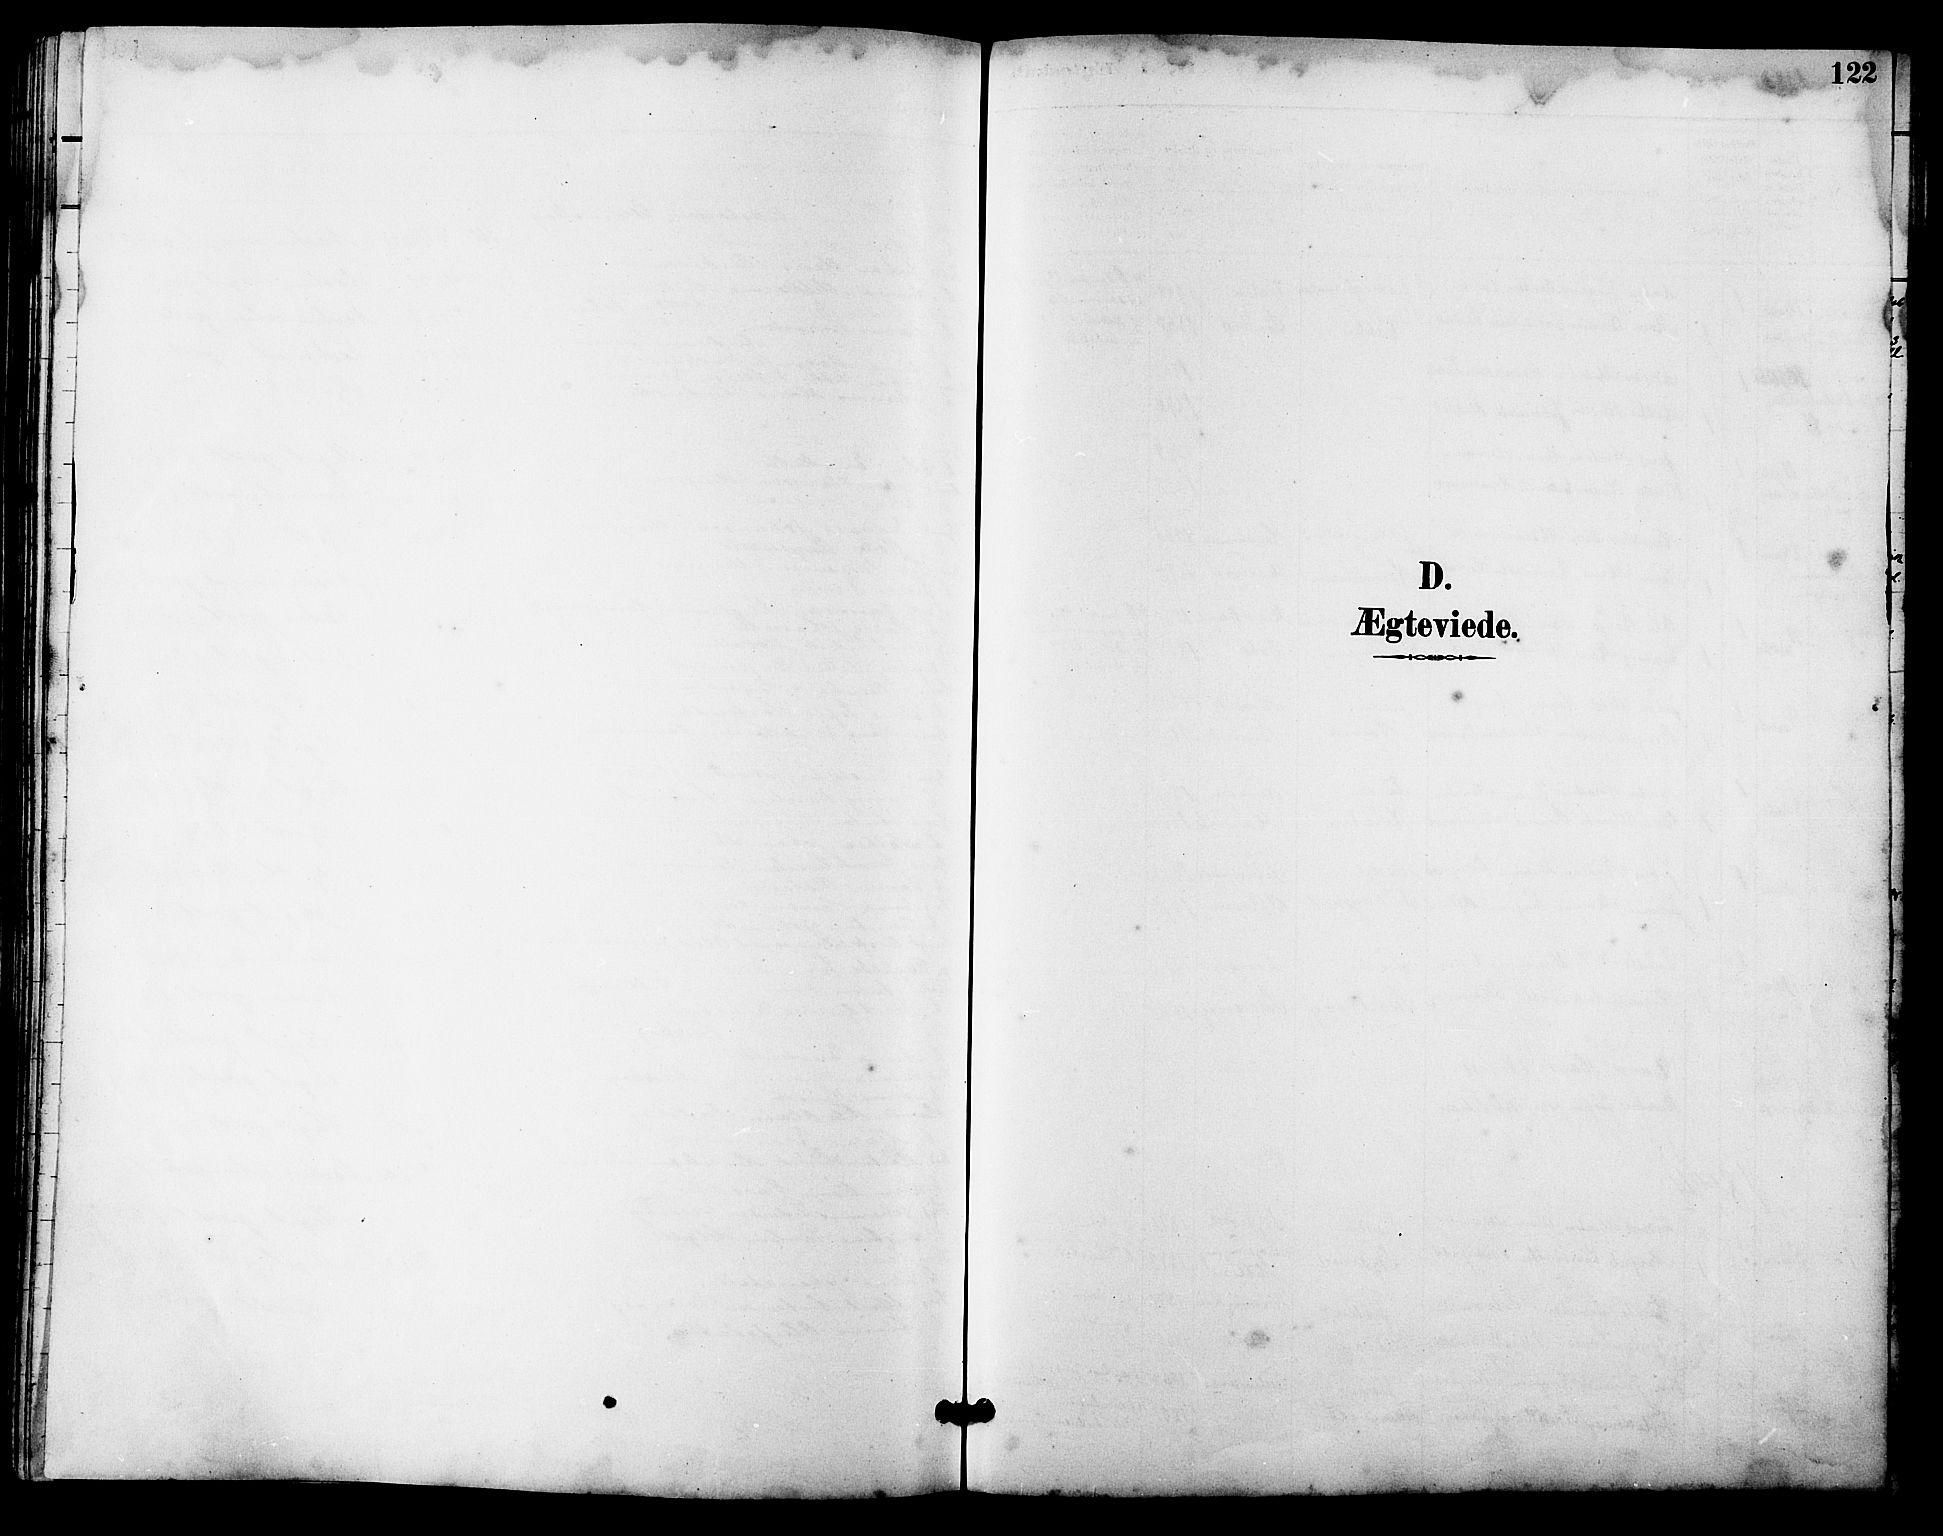 SAT, Ministerialprotokoller, klokkerbøker og fødselsregistre - Sør-Trøndelag, 641/L0598: Klokkerbok nr. 641C02, 1893-1910, s. 122